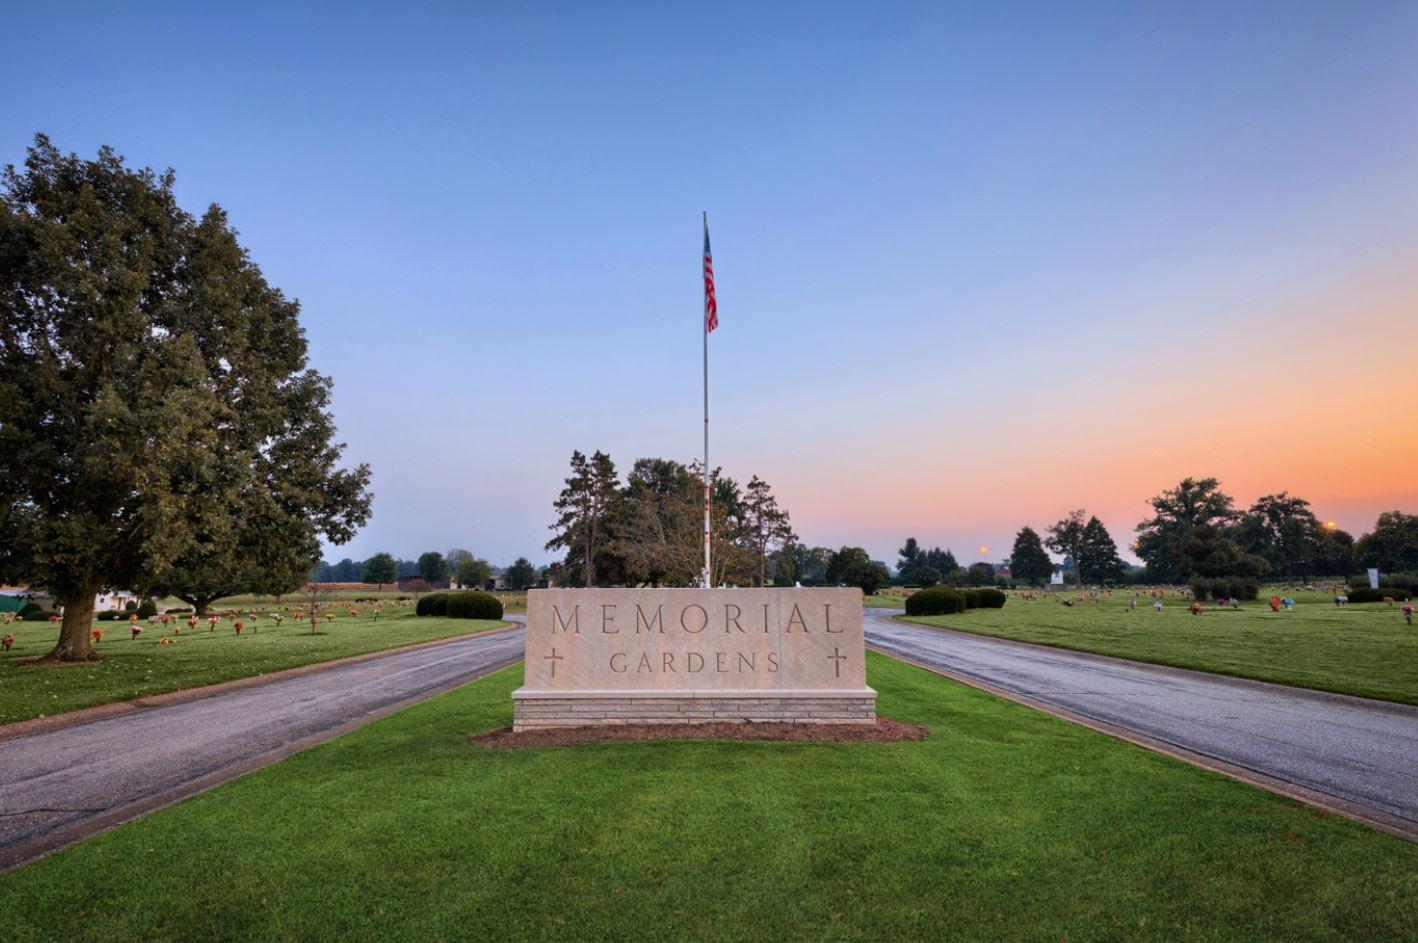 Owensboro Memorial Gardens